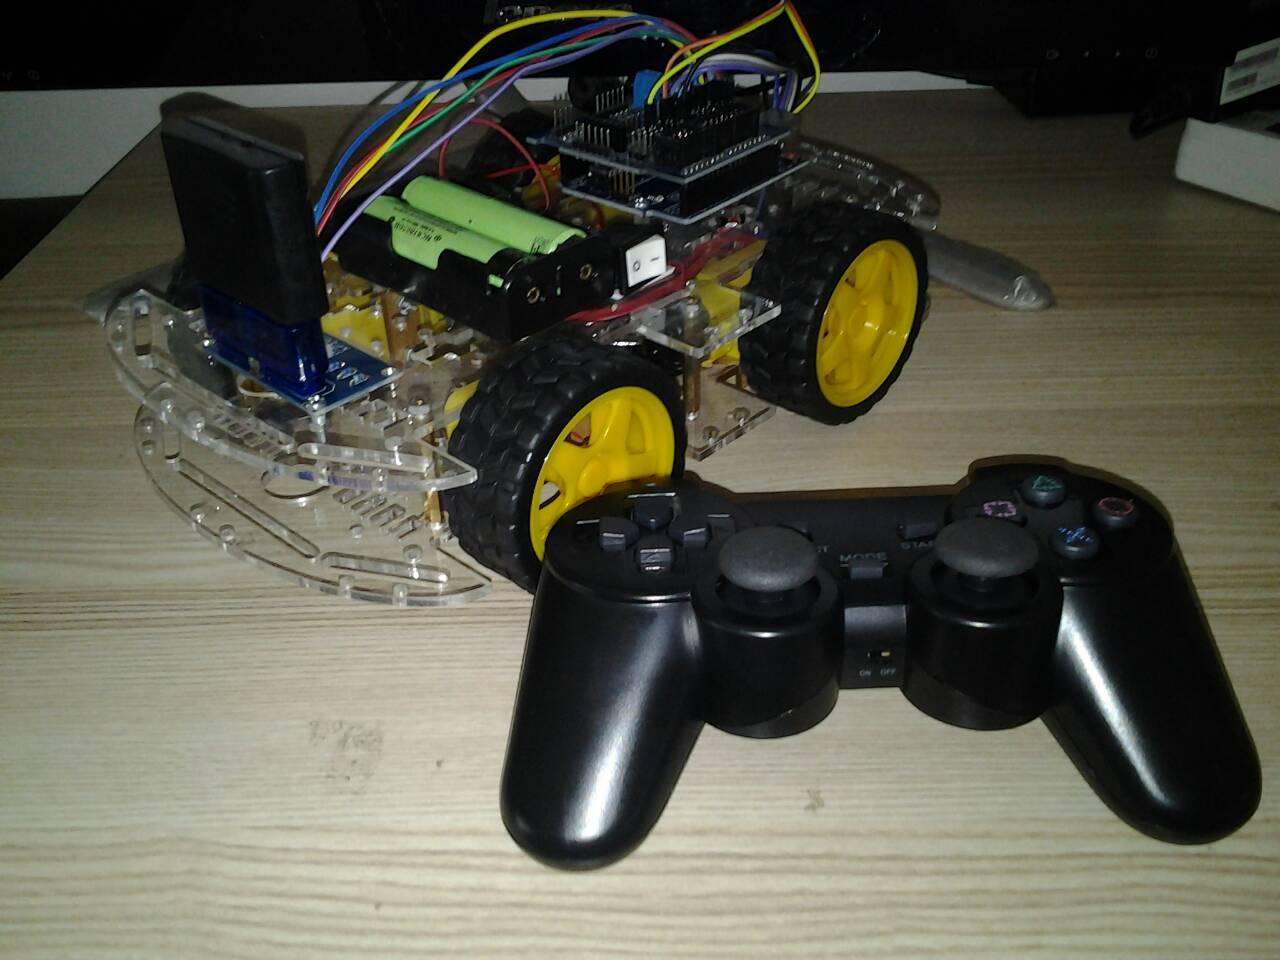 โรบอทสยาม โครงงานหุ่นยนต์ โปรเจคหุ่นยนต์ Arduino: โปรเจค รถ